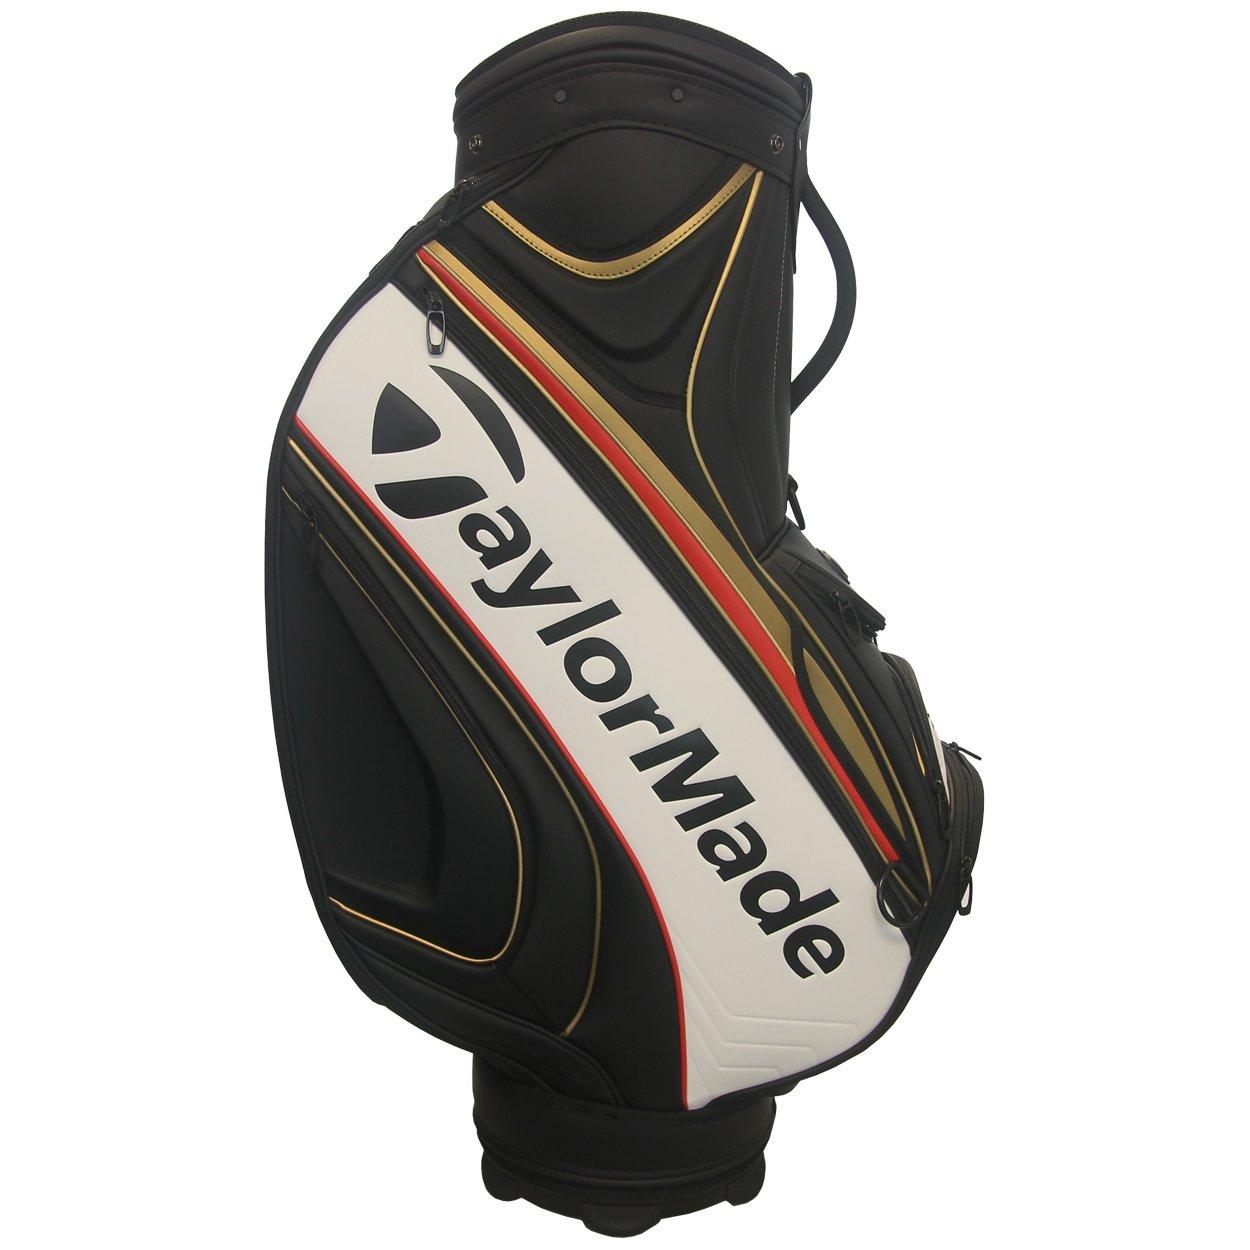 テーラーメイドゴルフツアースタッフバッグ、ブラック/ゴールド/レッド B07DXD8QCV